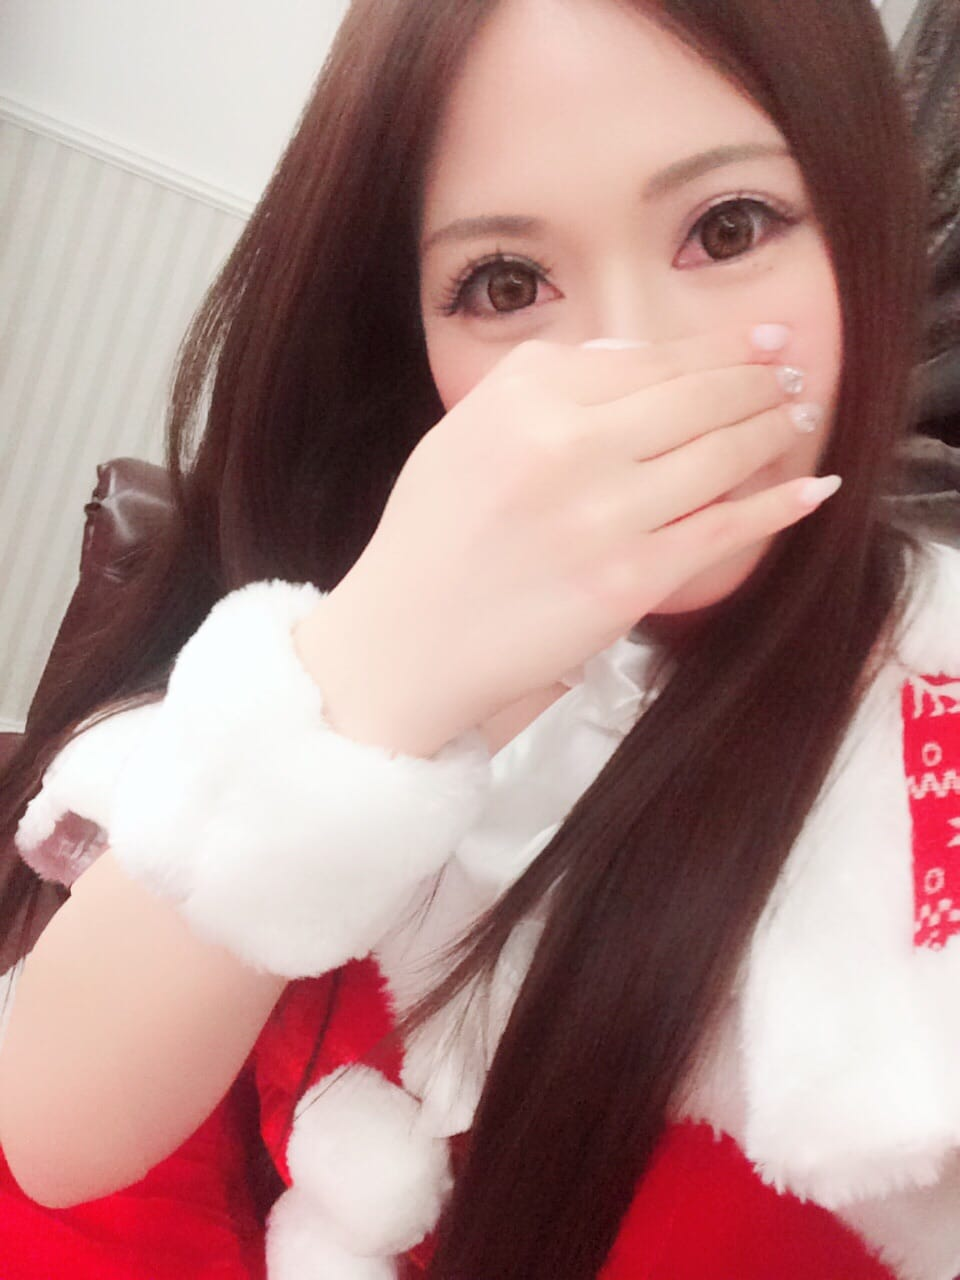 「*うきうき*」12/14(木) 17:21   ことねの写メ・風俗動画